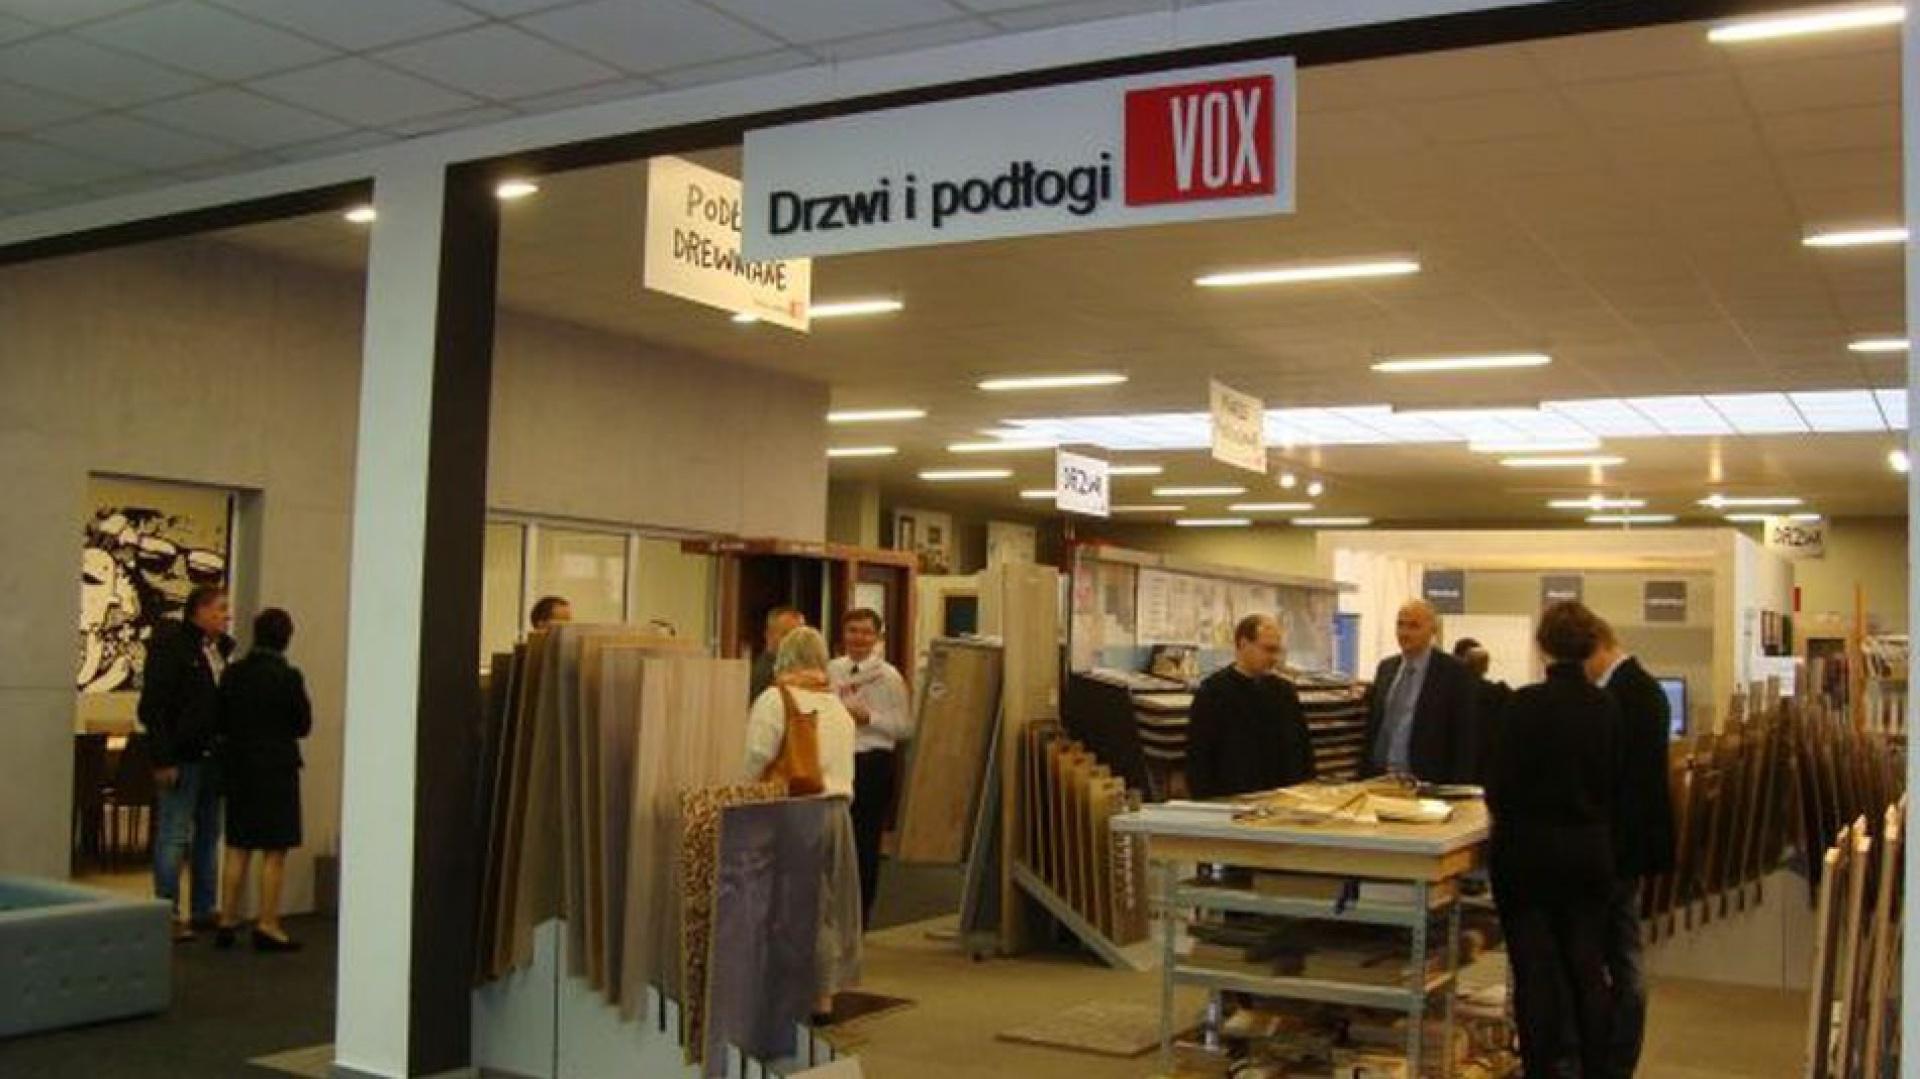 drzwi-i-podlogi-vox2.jpg